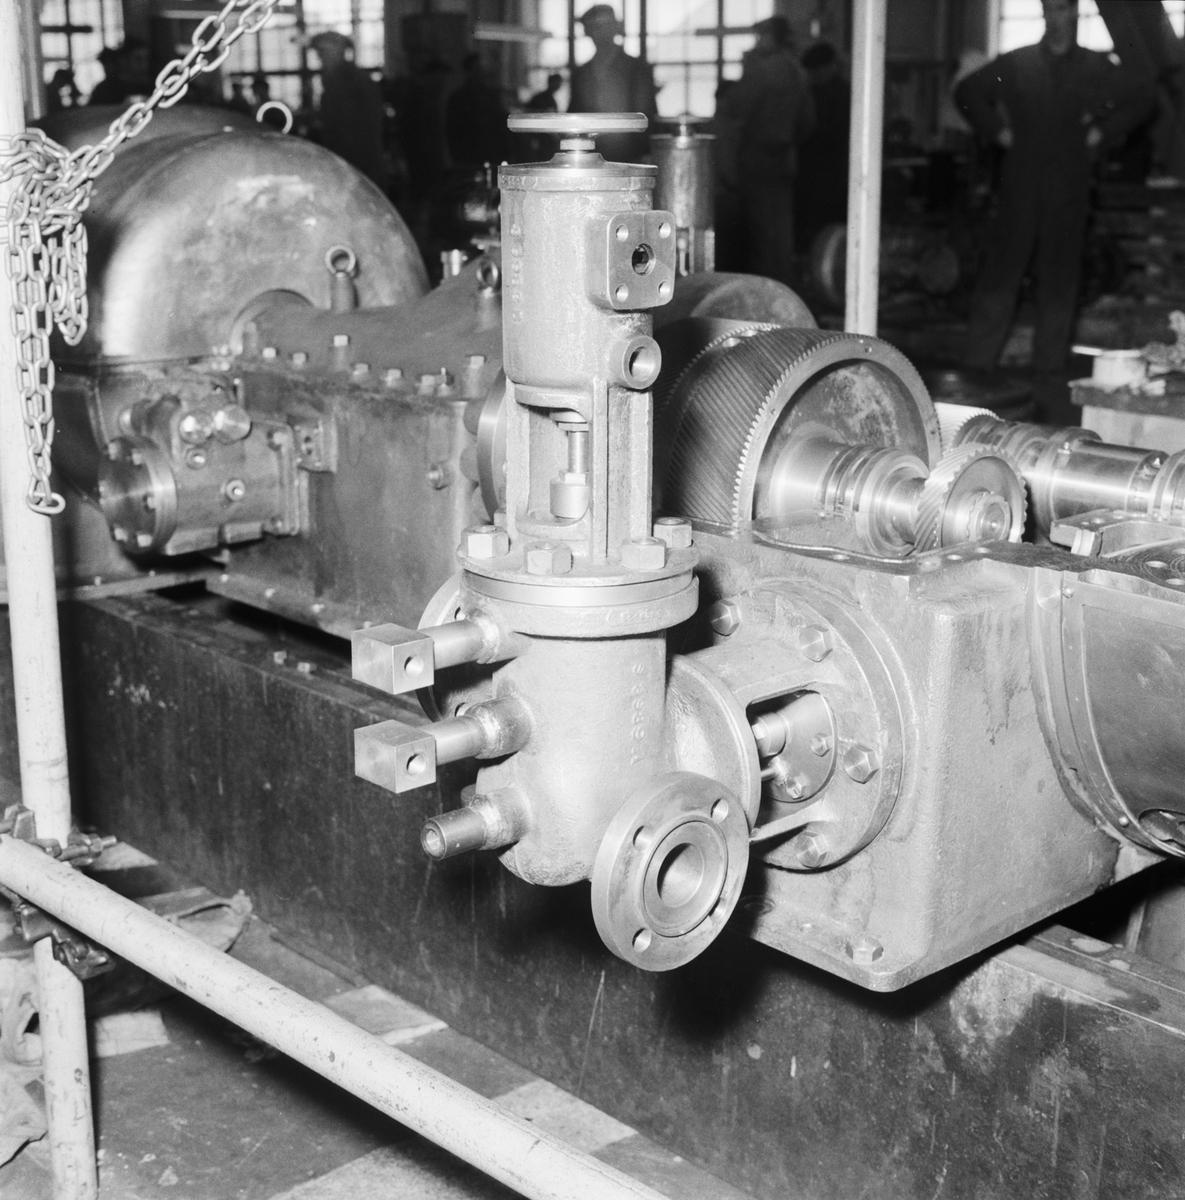 Övrigt: Foto datum: 11/4 1956 Byggnader och kranar Kompressor i maskinverkstan